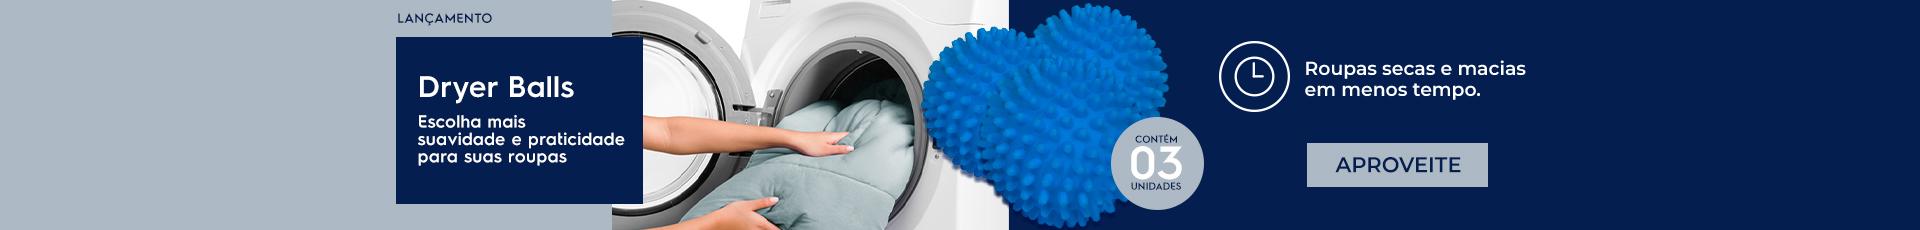 Dryer Balls - Lavadoras de Roupas